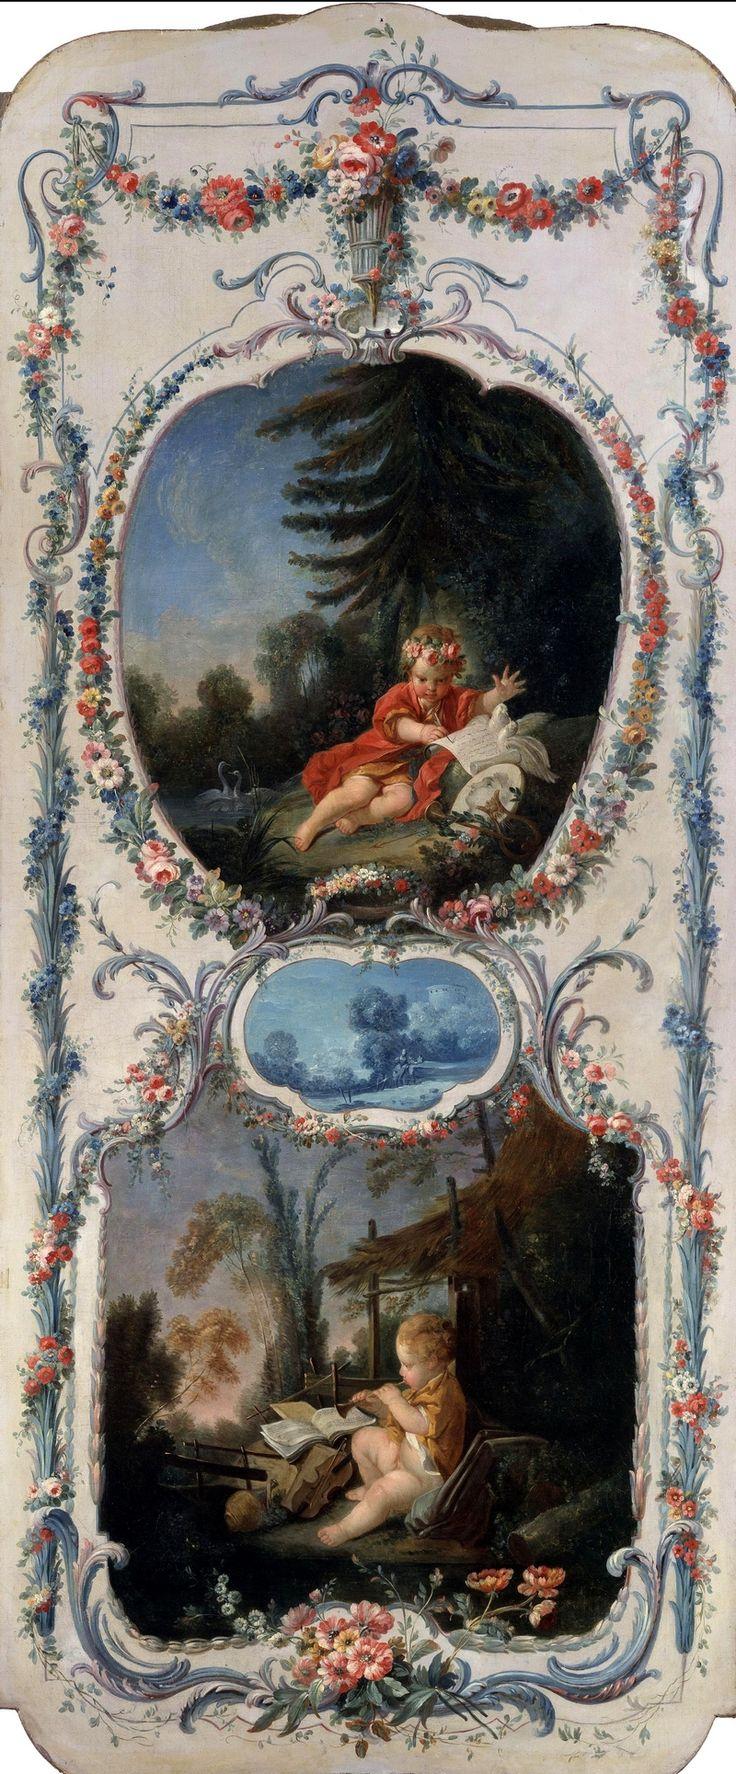 FRANCOIS BOUCHER. Аллегория Поэзии и Музыки (1750-1752)